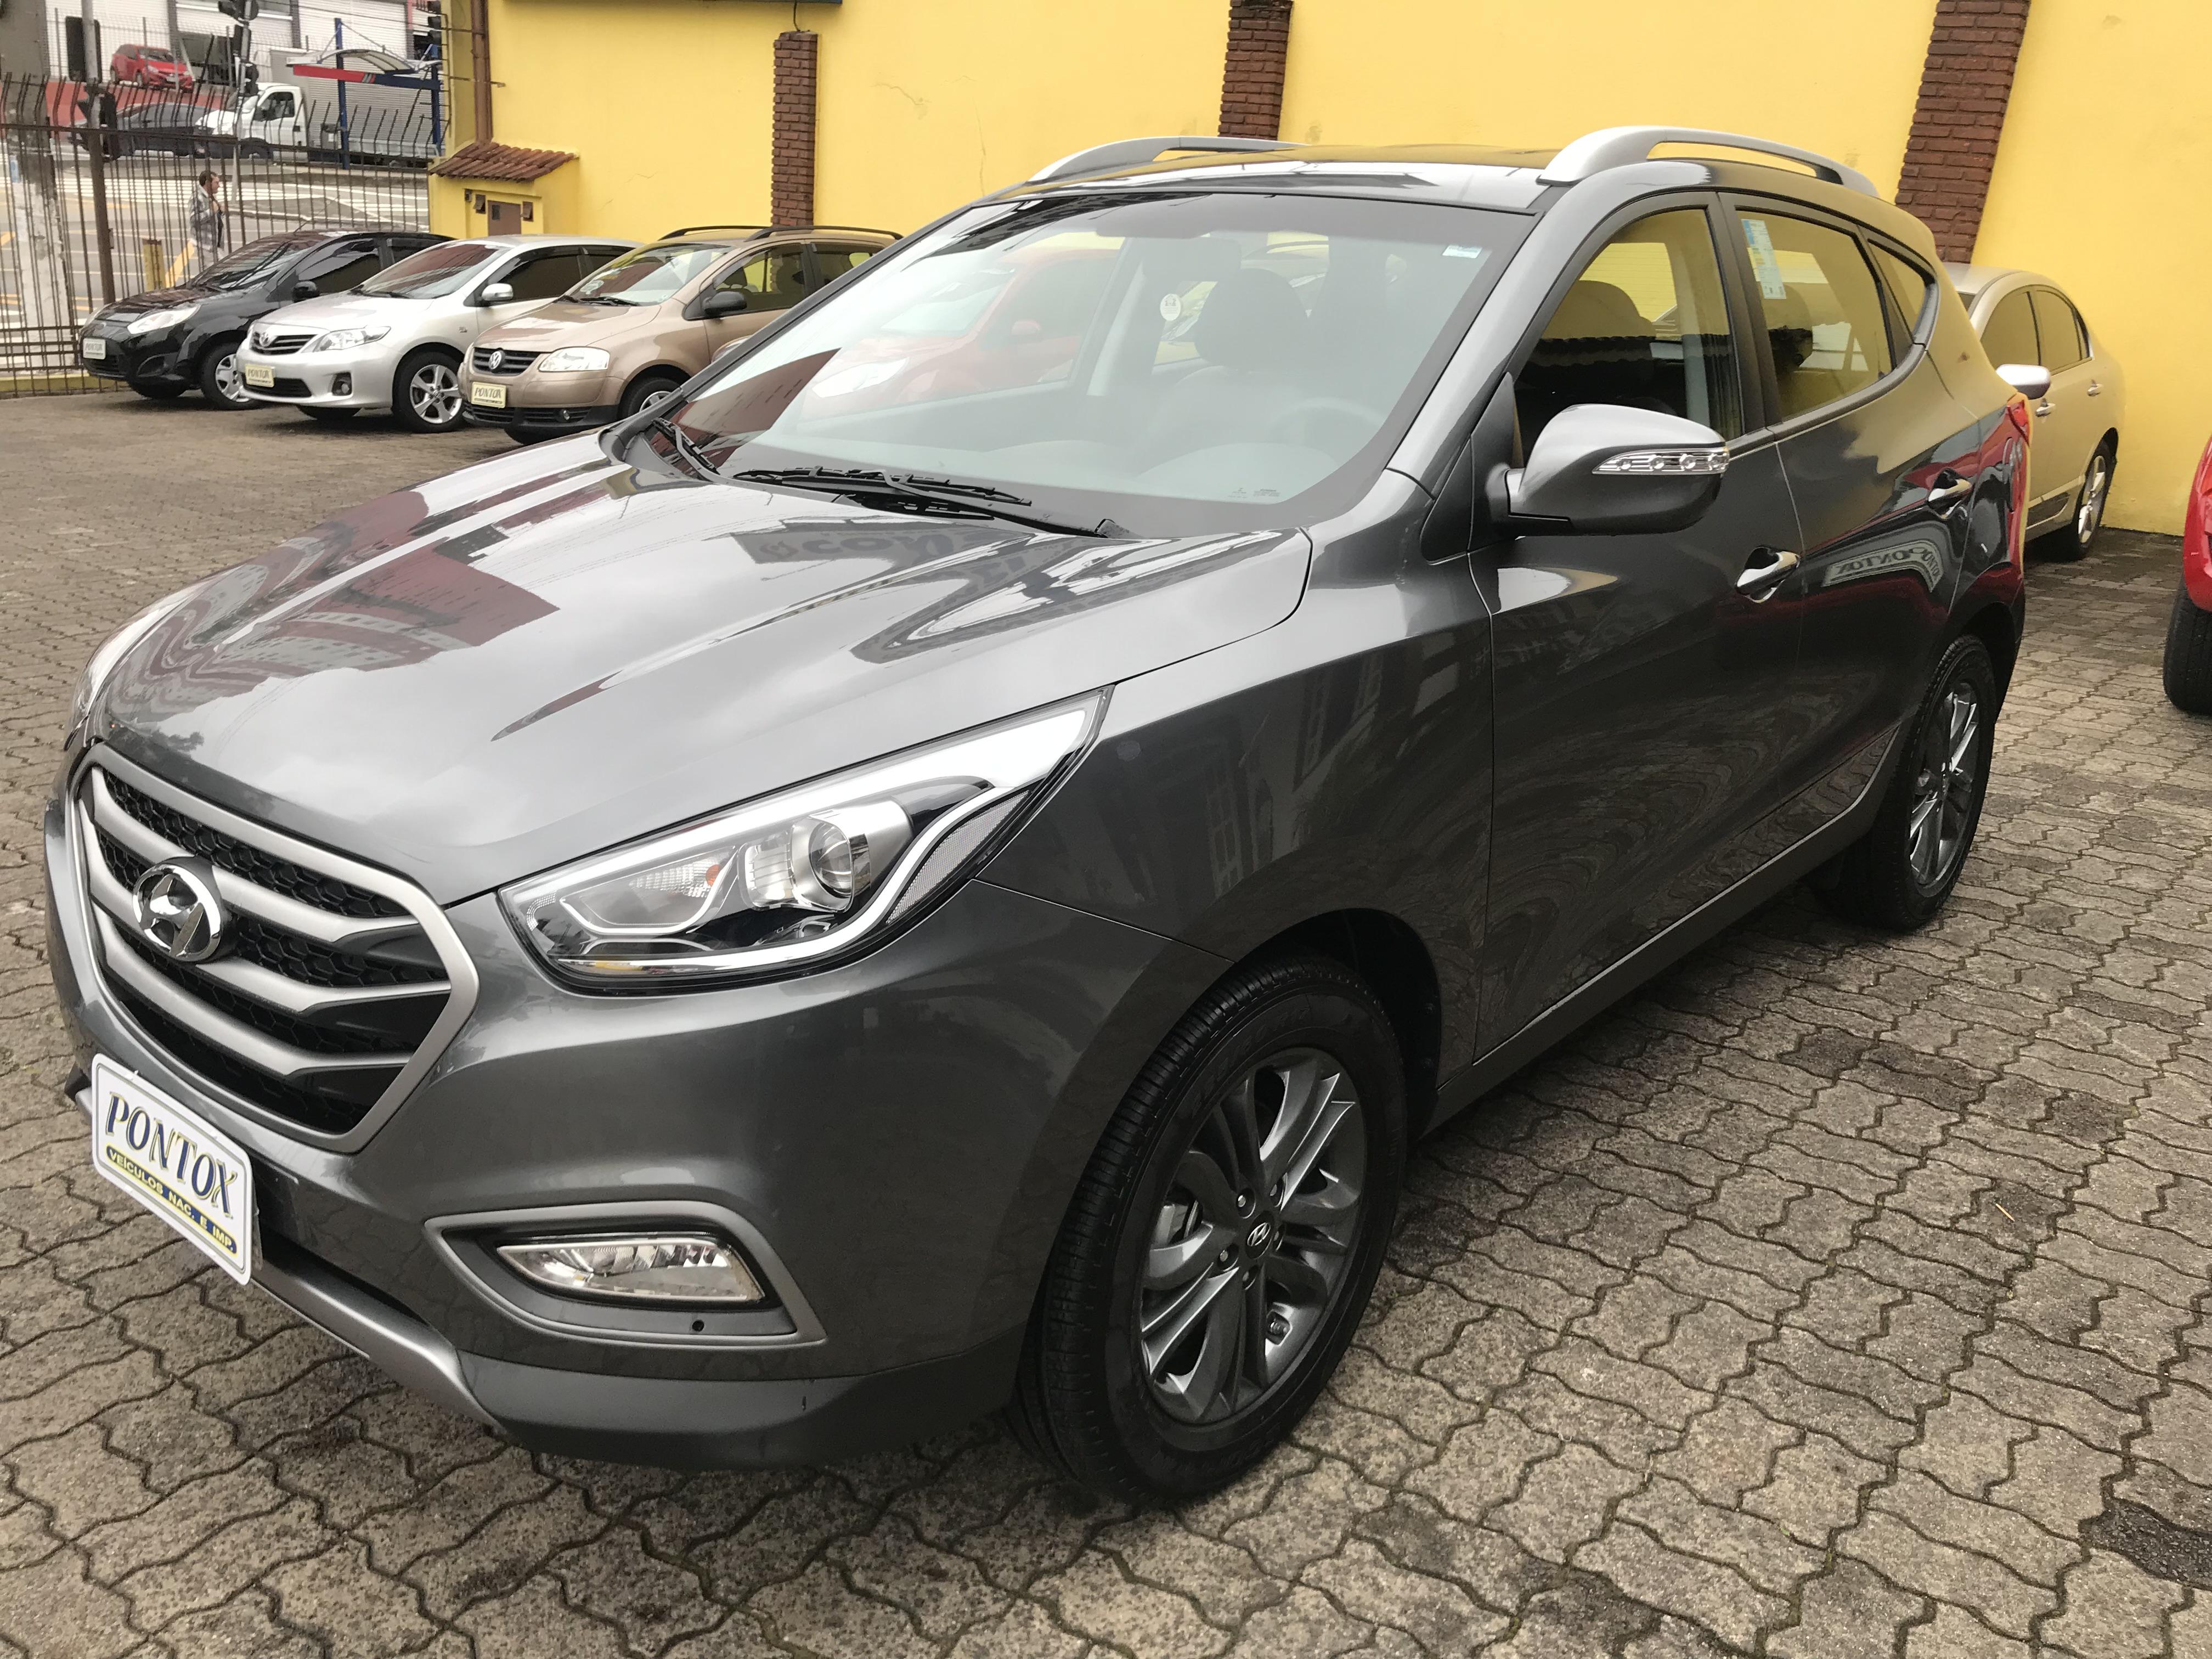 HYUNDAI IX35 AUTOMATICA 2017/2018 , EM GARANTIA DE FABRICA , BANCO EM COURO , SÓ 2144 KM